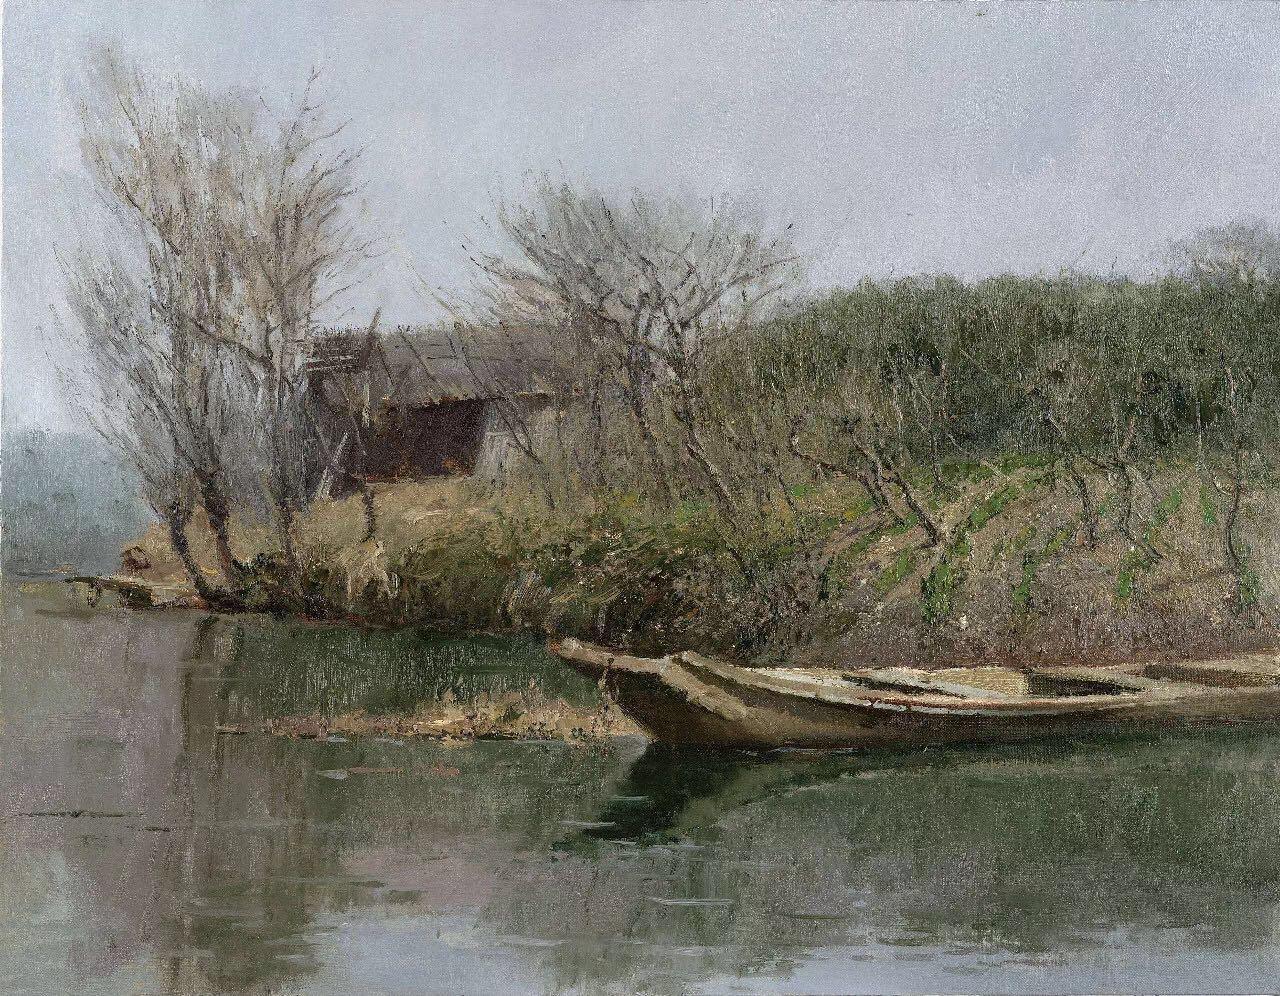 芝麻开门——汪文斌的油画创作之路及作品赏析